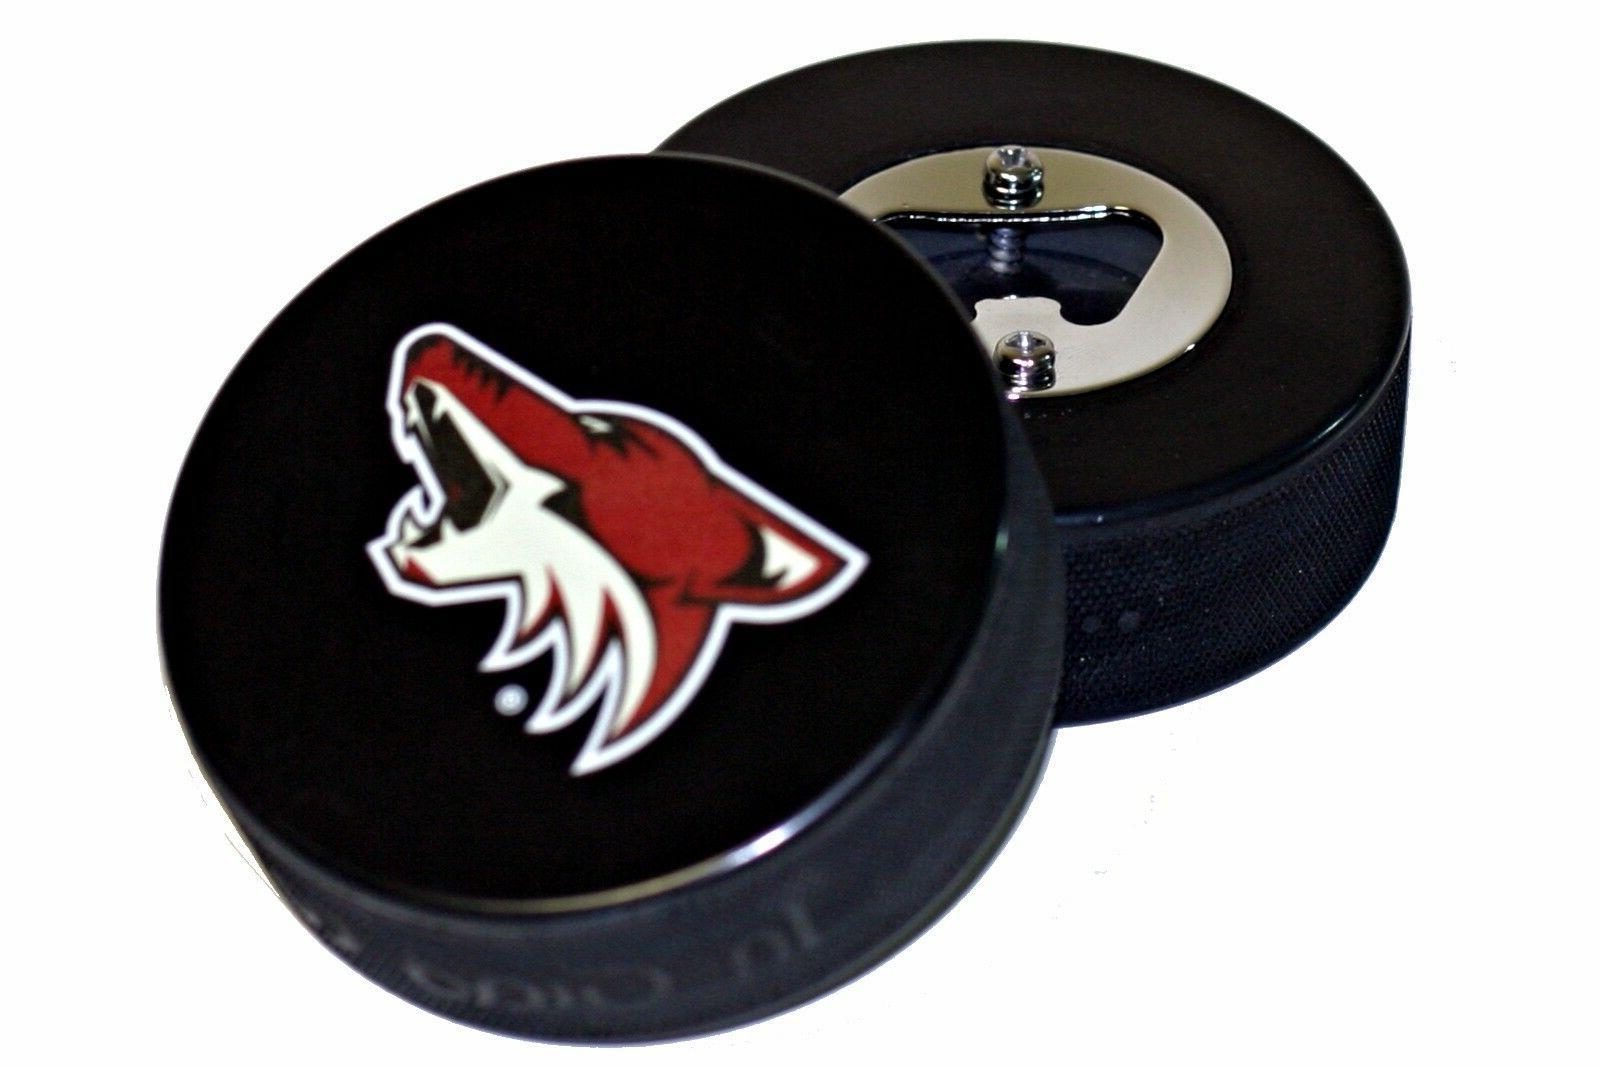 arizona coyotes basic logo nhl hockey puck